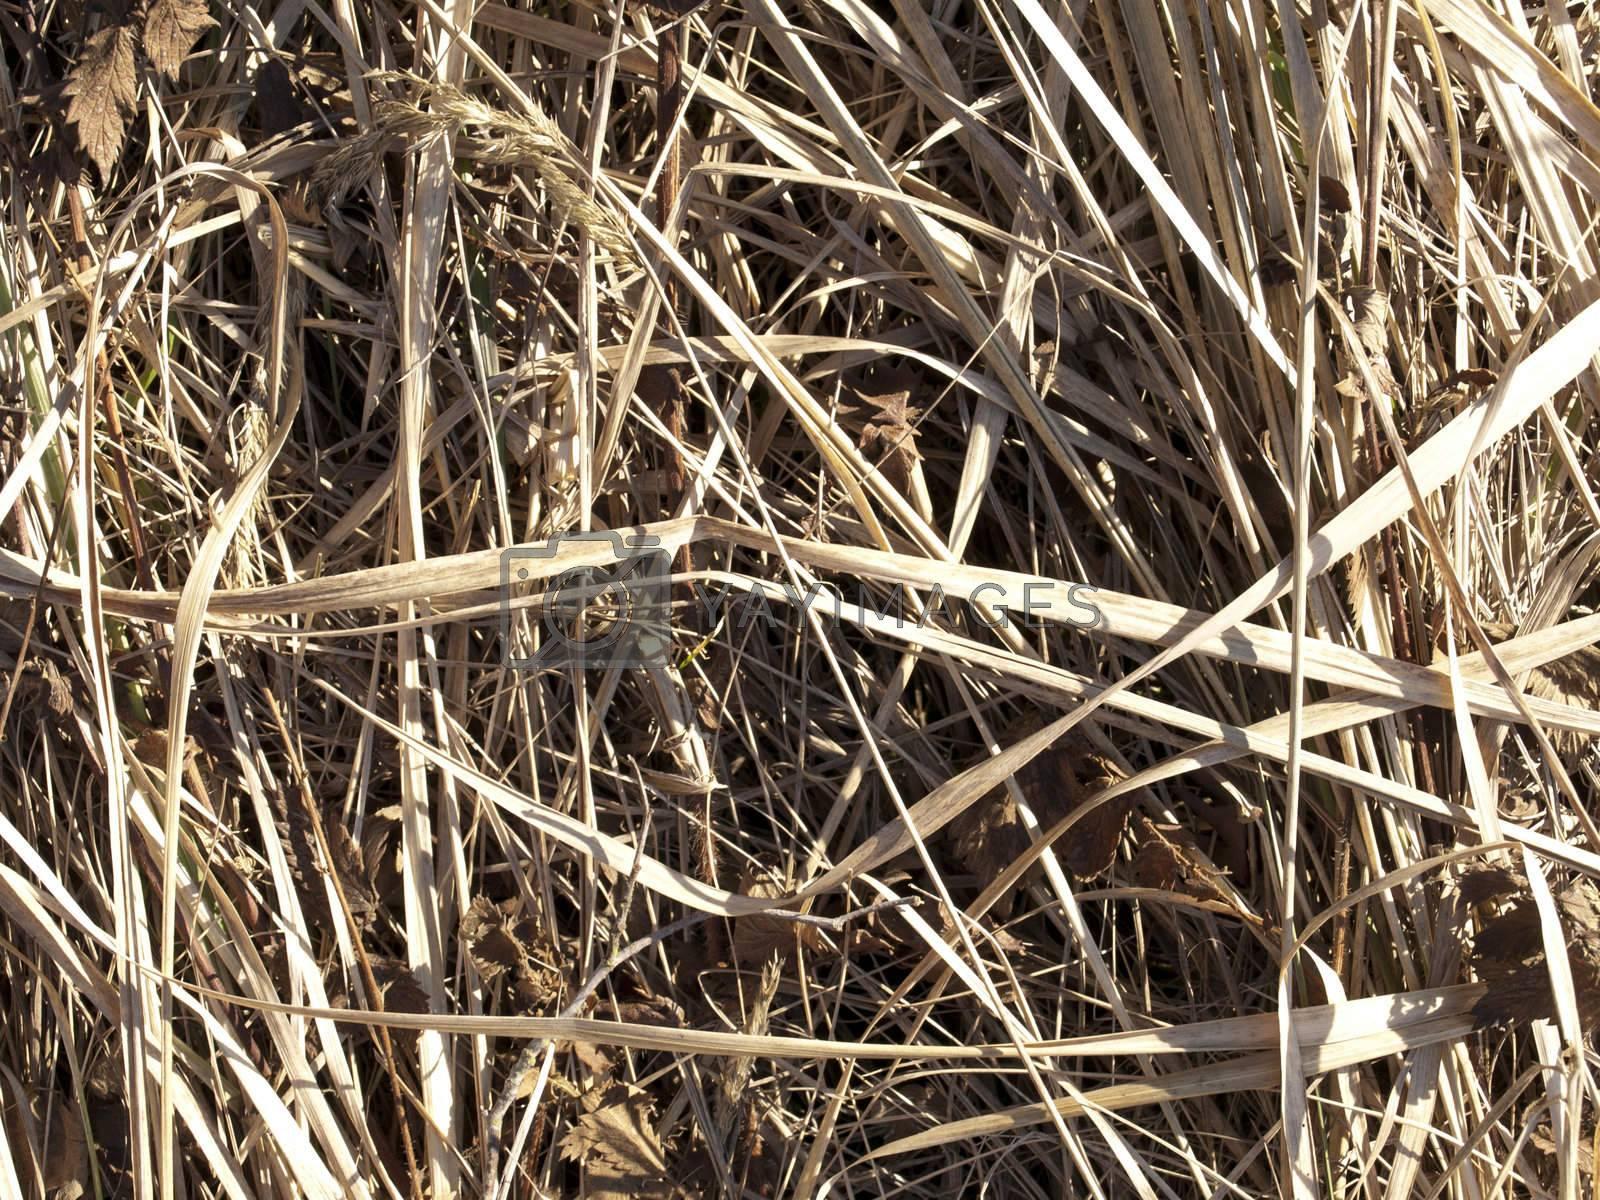 A grass texture